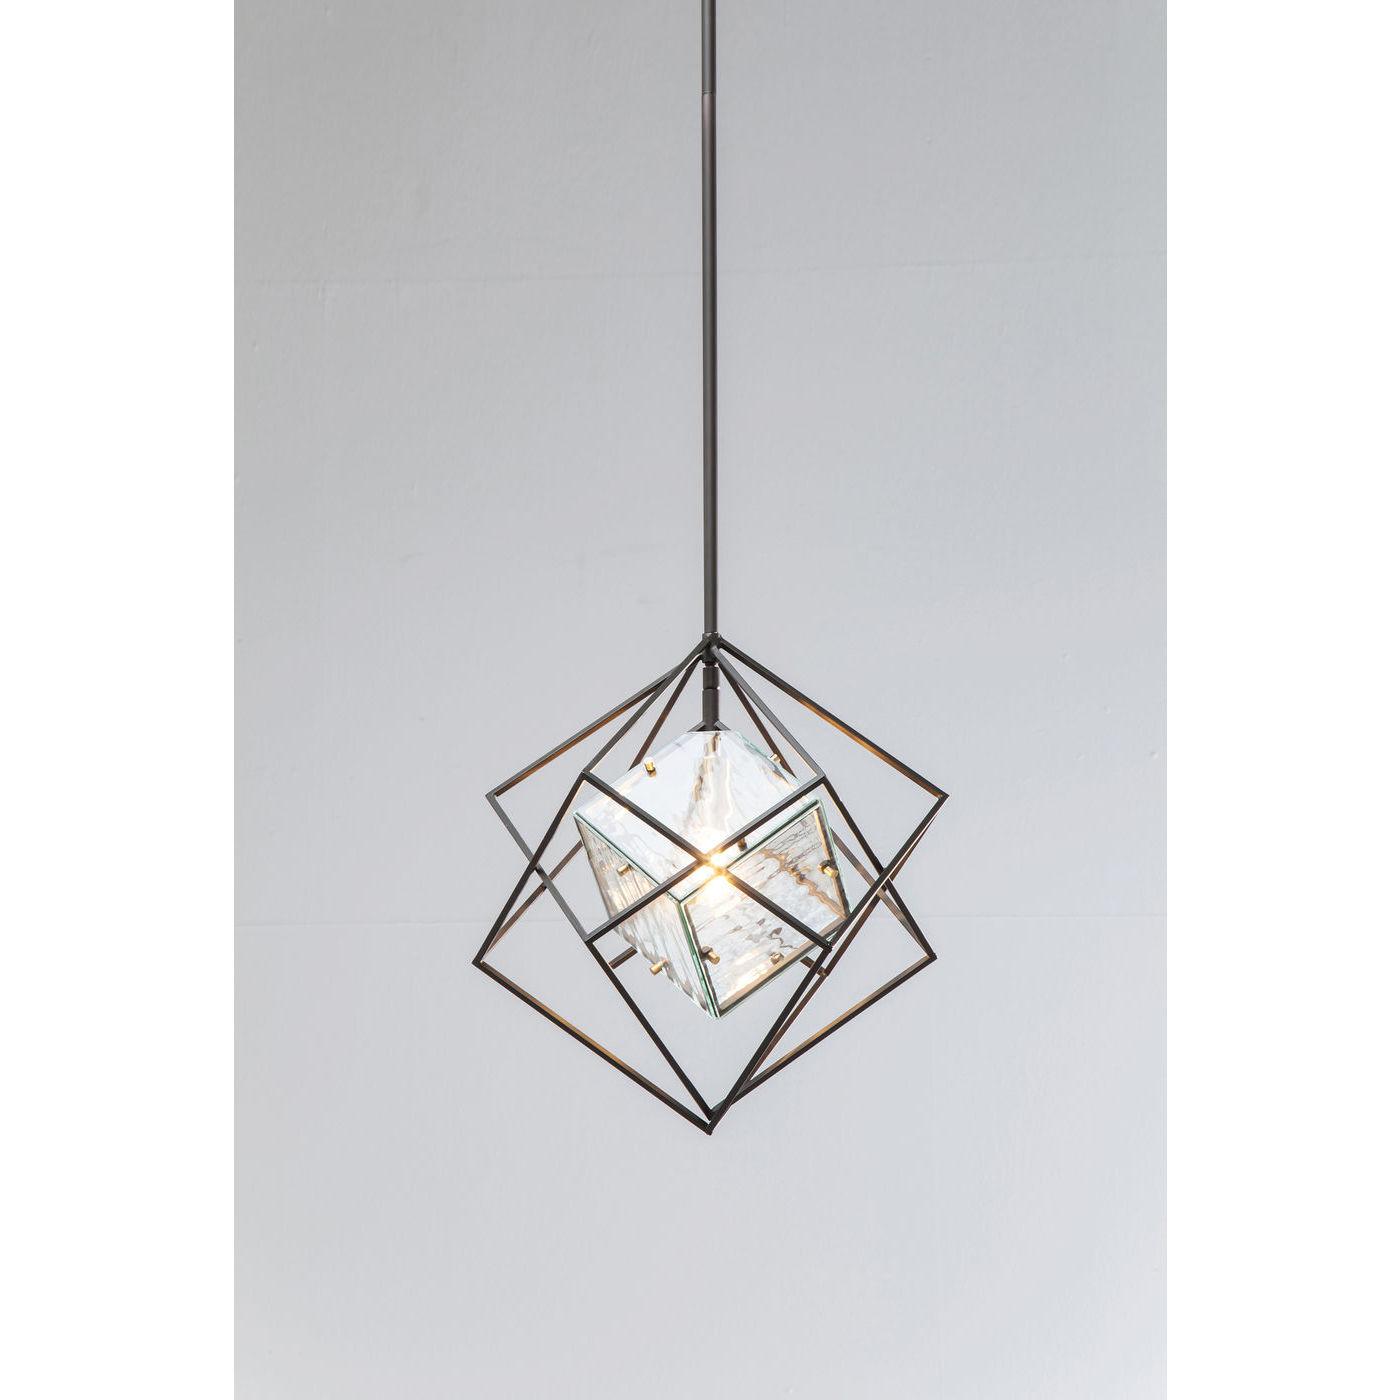 Billede af Kare Design Loftslampe, Prisma